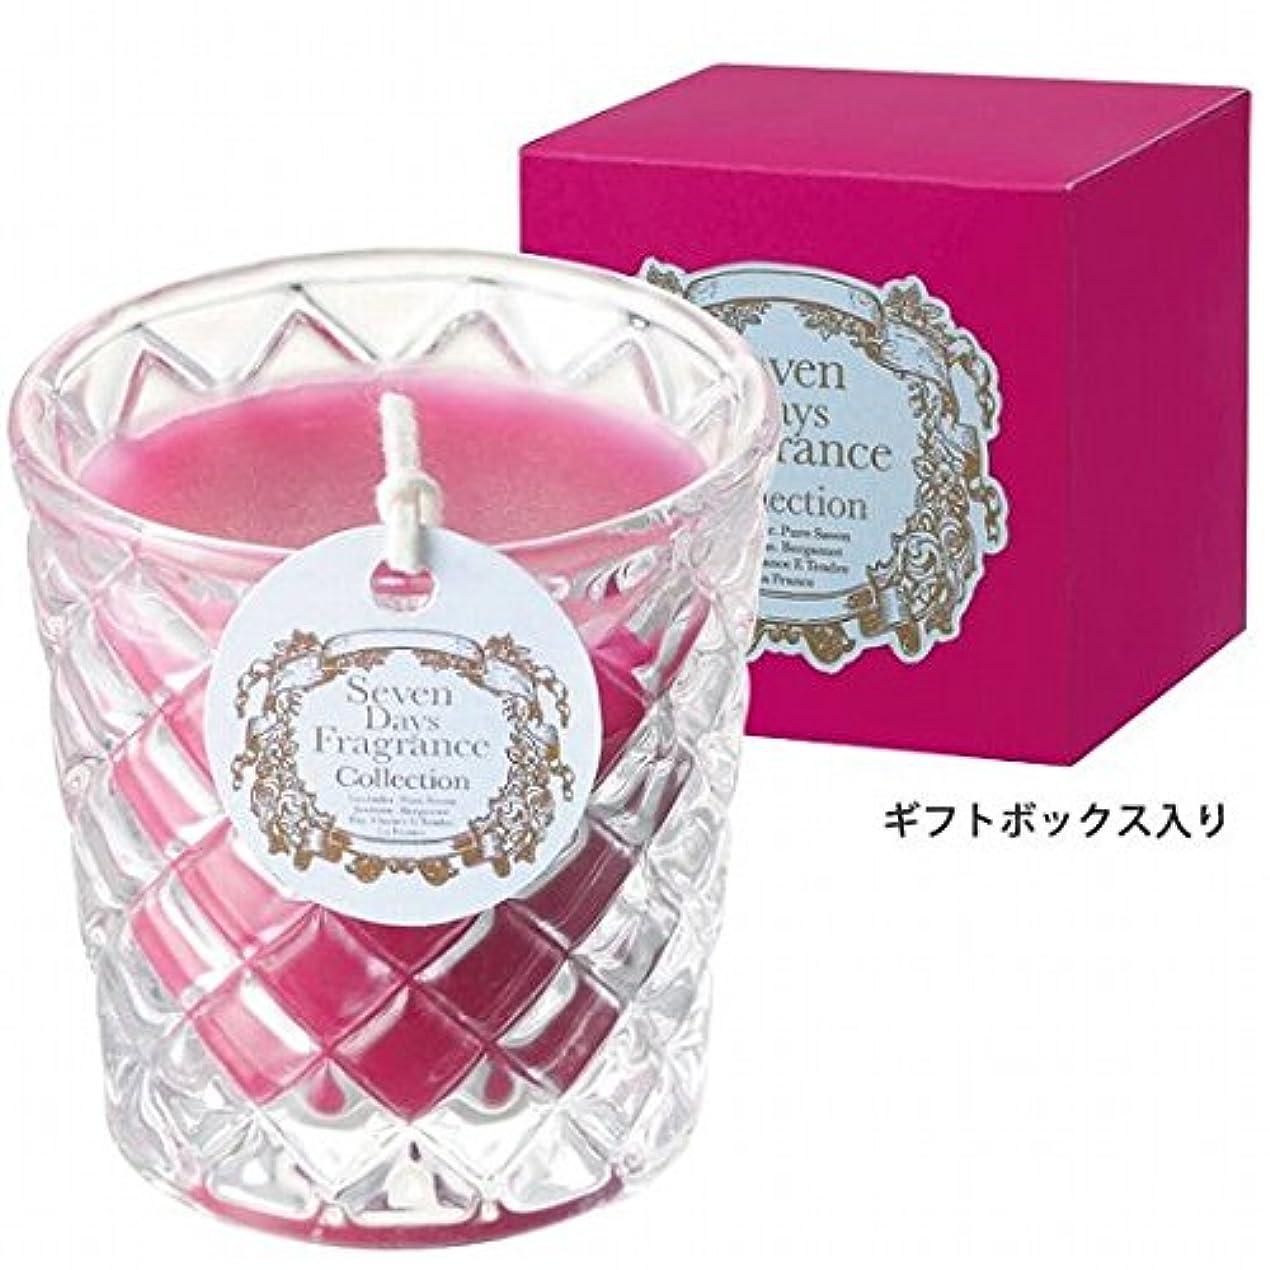 許容できる花束マルクス主義者カメヤマキャンドル( kameyama candle ) セブンデイズグラスキャンドル(木曜日) 「 フィグ 」